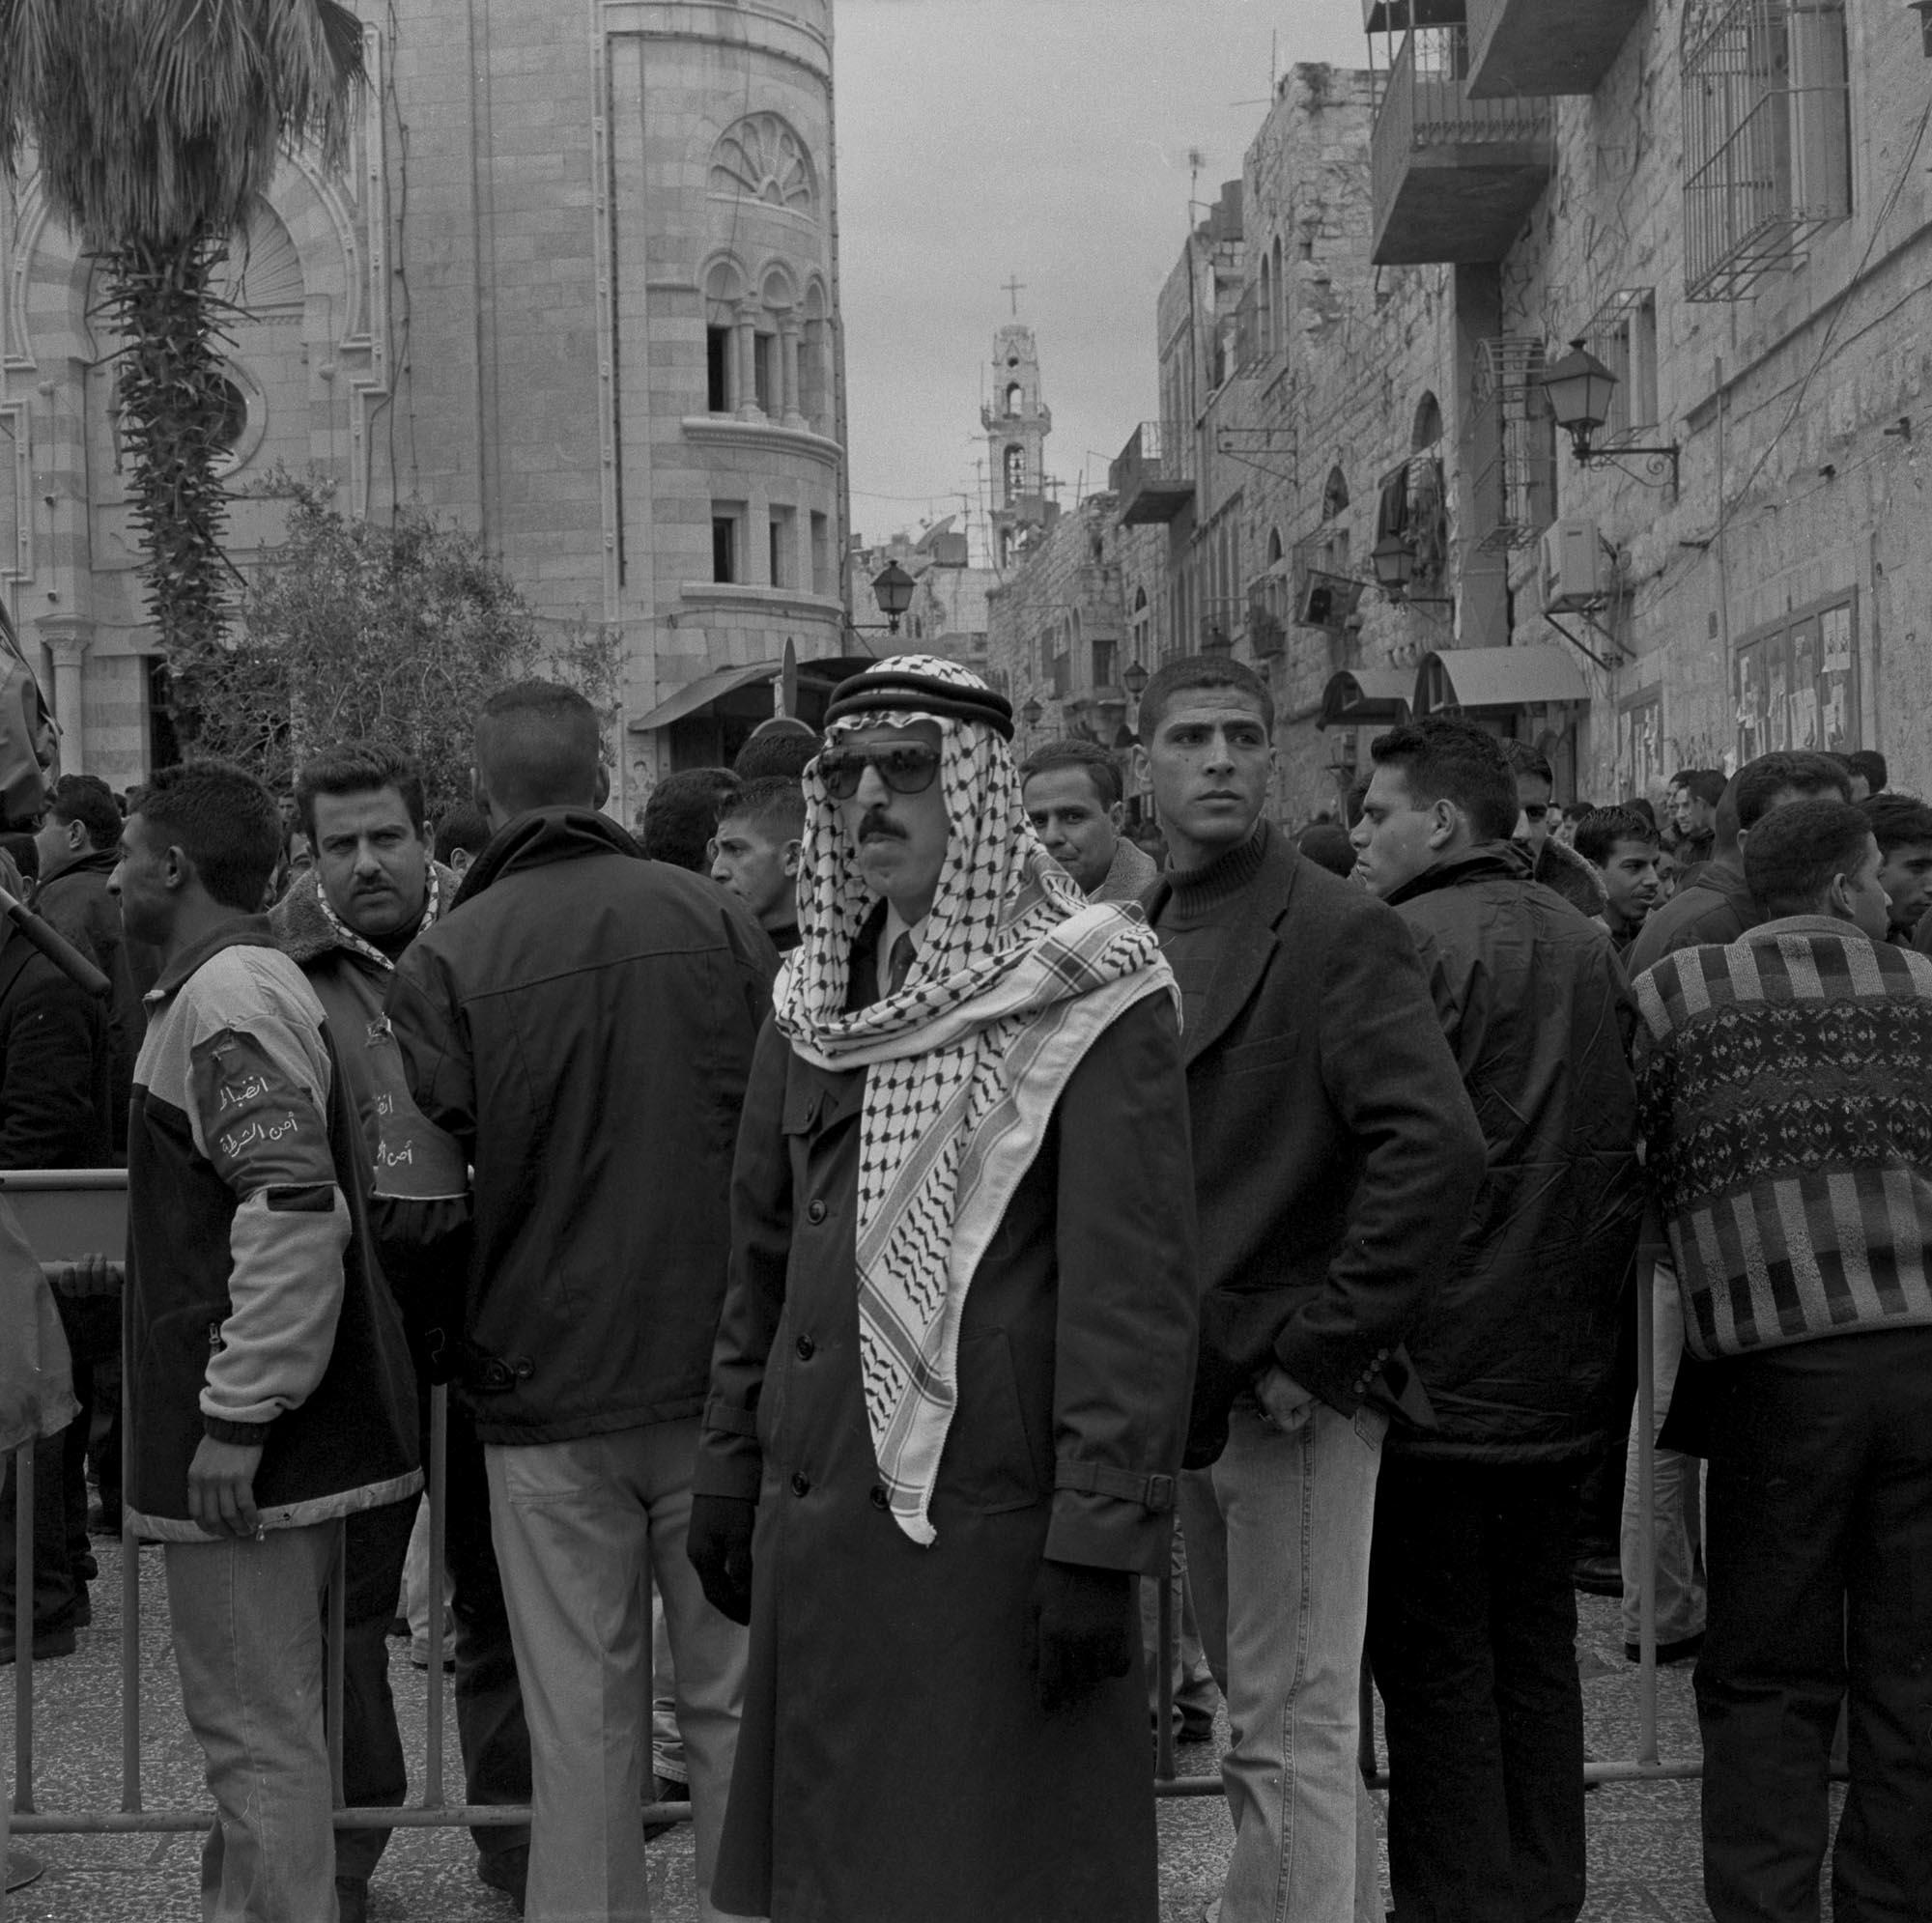 Bethlehem, Manger Square, Christmas Day, 2002